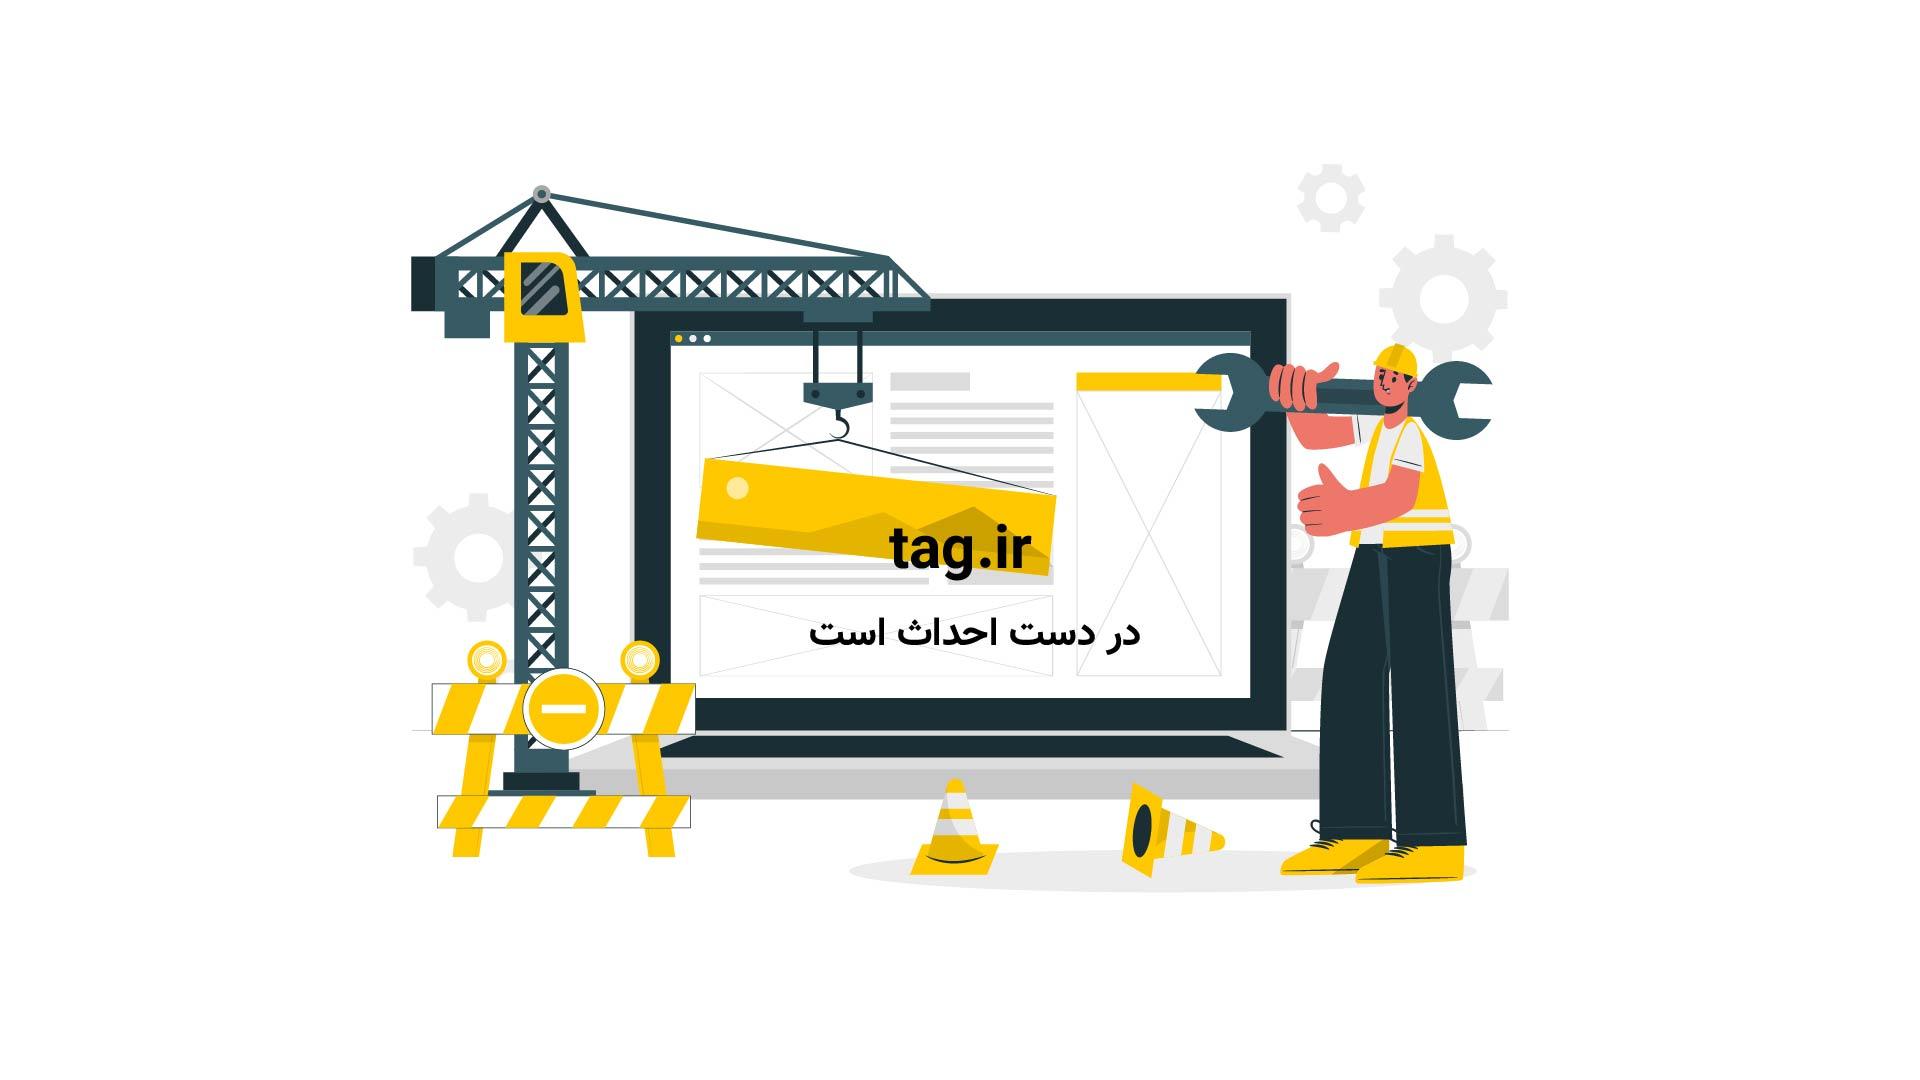 گل های برتر هفته چهارم سری A ایتالیا